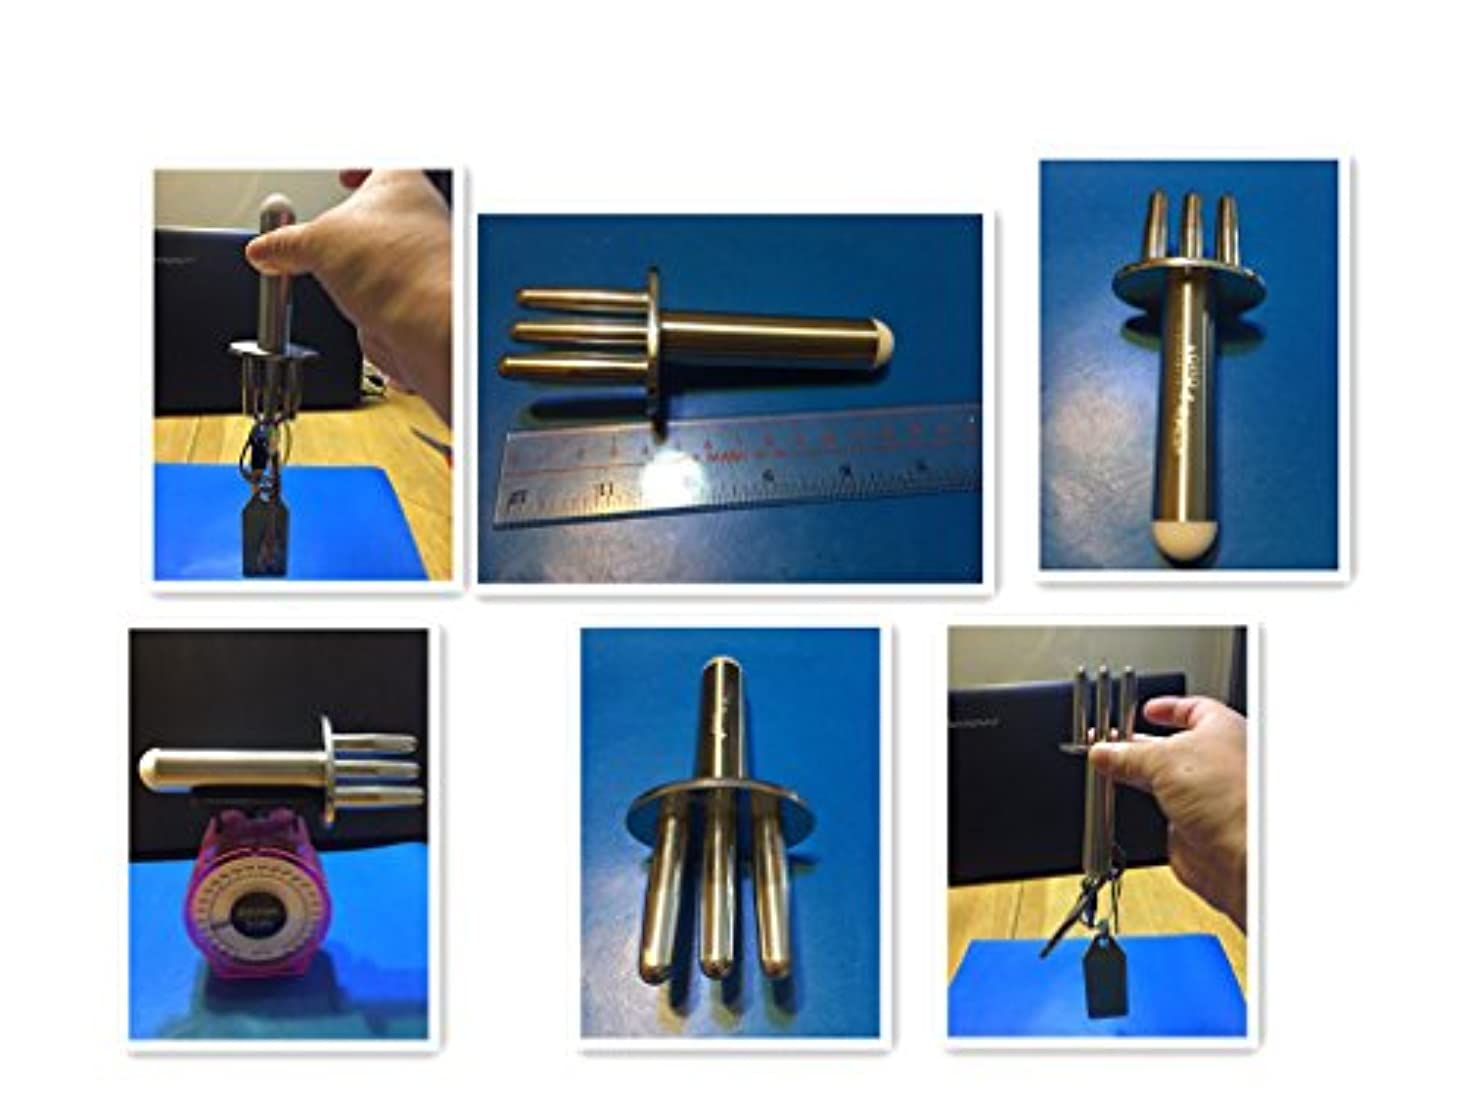 散歩に行く有名な足顔ボディ排酸術マサッジ小さな排酸棒マッサジ棒磁力マッサジ棒Echo & Kern はいさんじゅつ、陰極磁力排酸棒北極磁気マッサジ棒、磁気棒、ツボ押し棒 磁気 マッサージ棒 指圧棒 磁力がコリに直接当たる排酸術 …